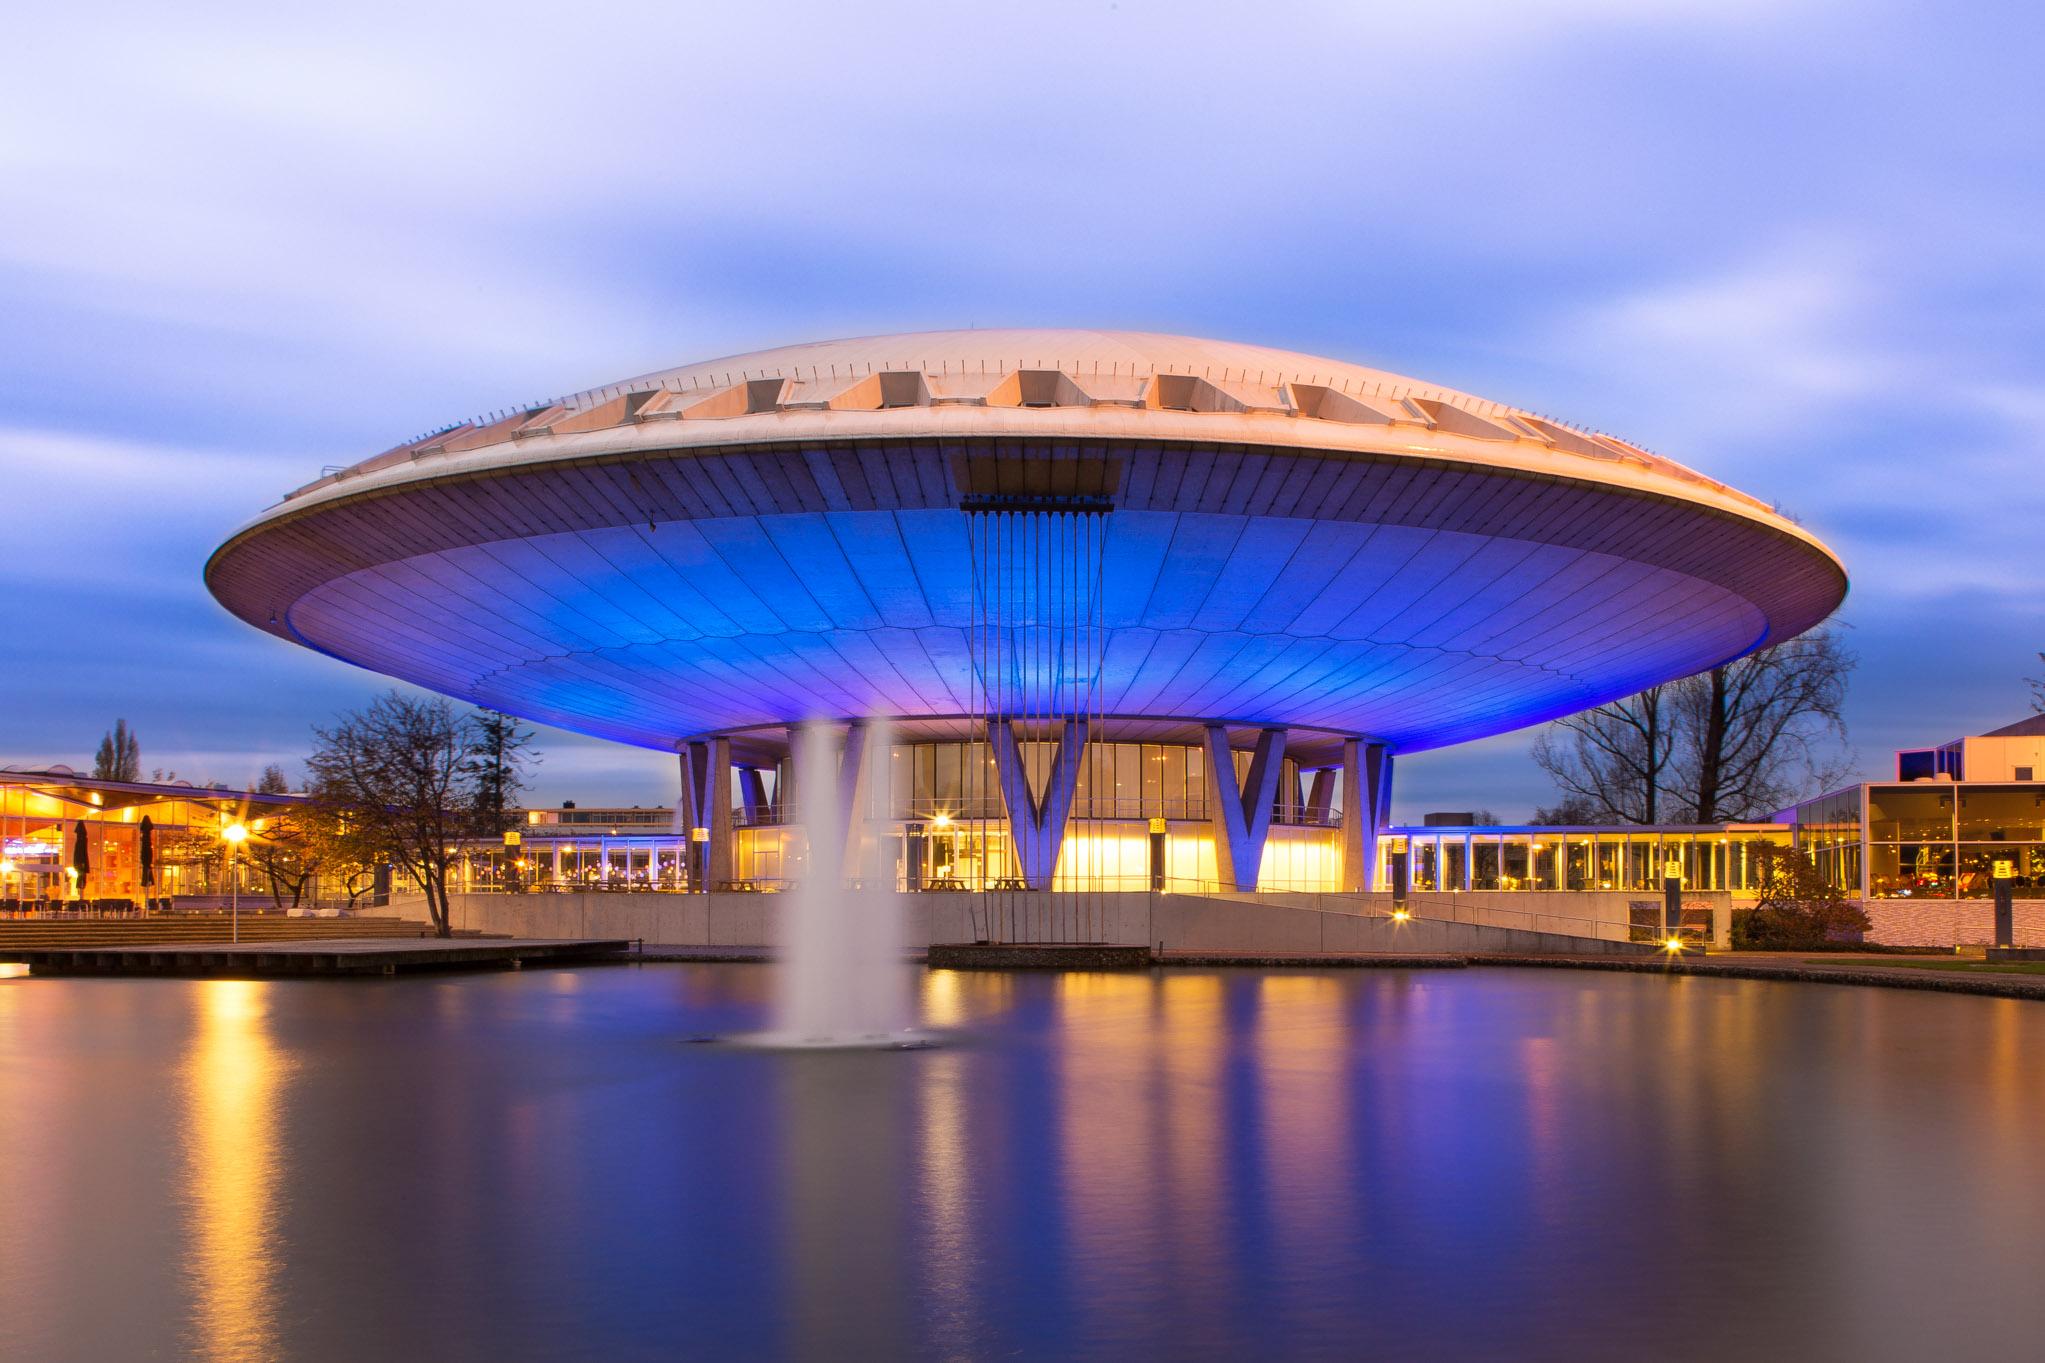 Architectonische foto van congressen en evenementen locatie het Evoluon in Eindhoven.